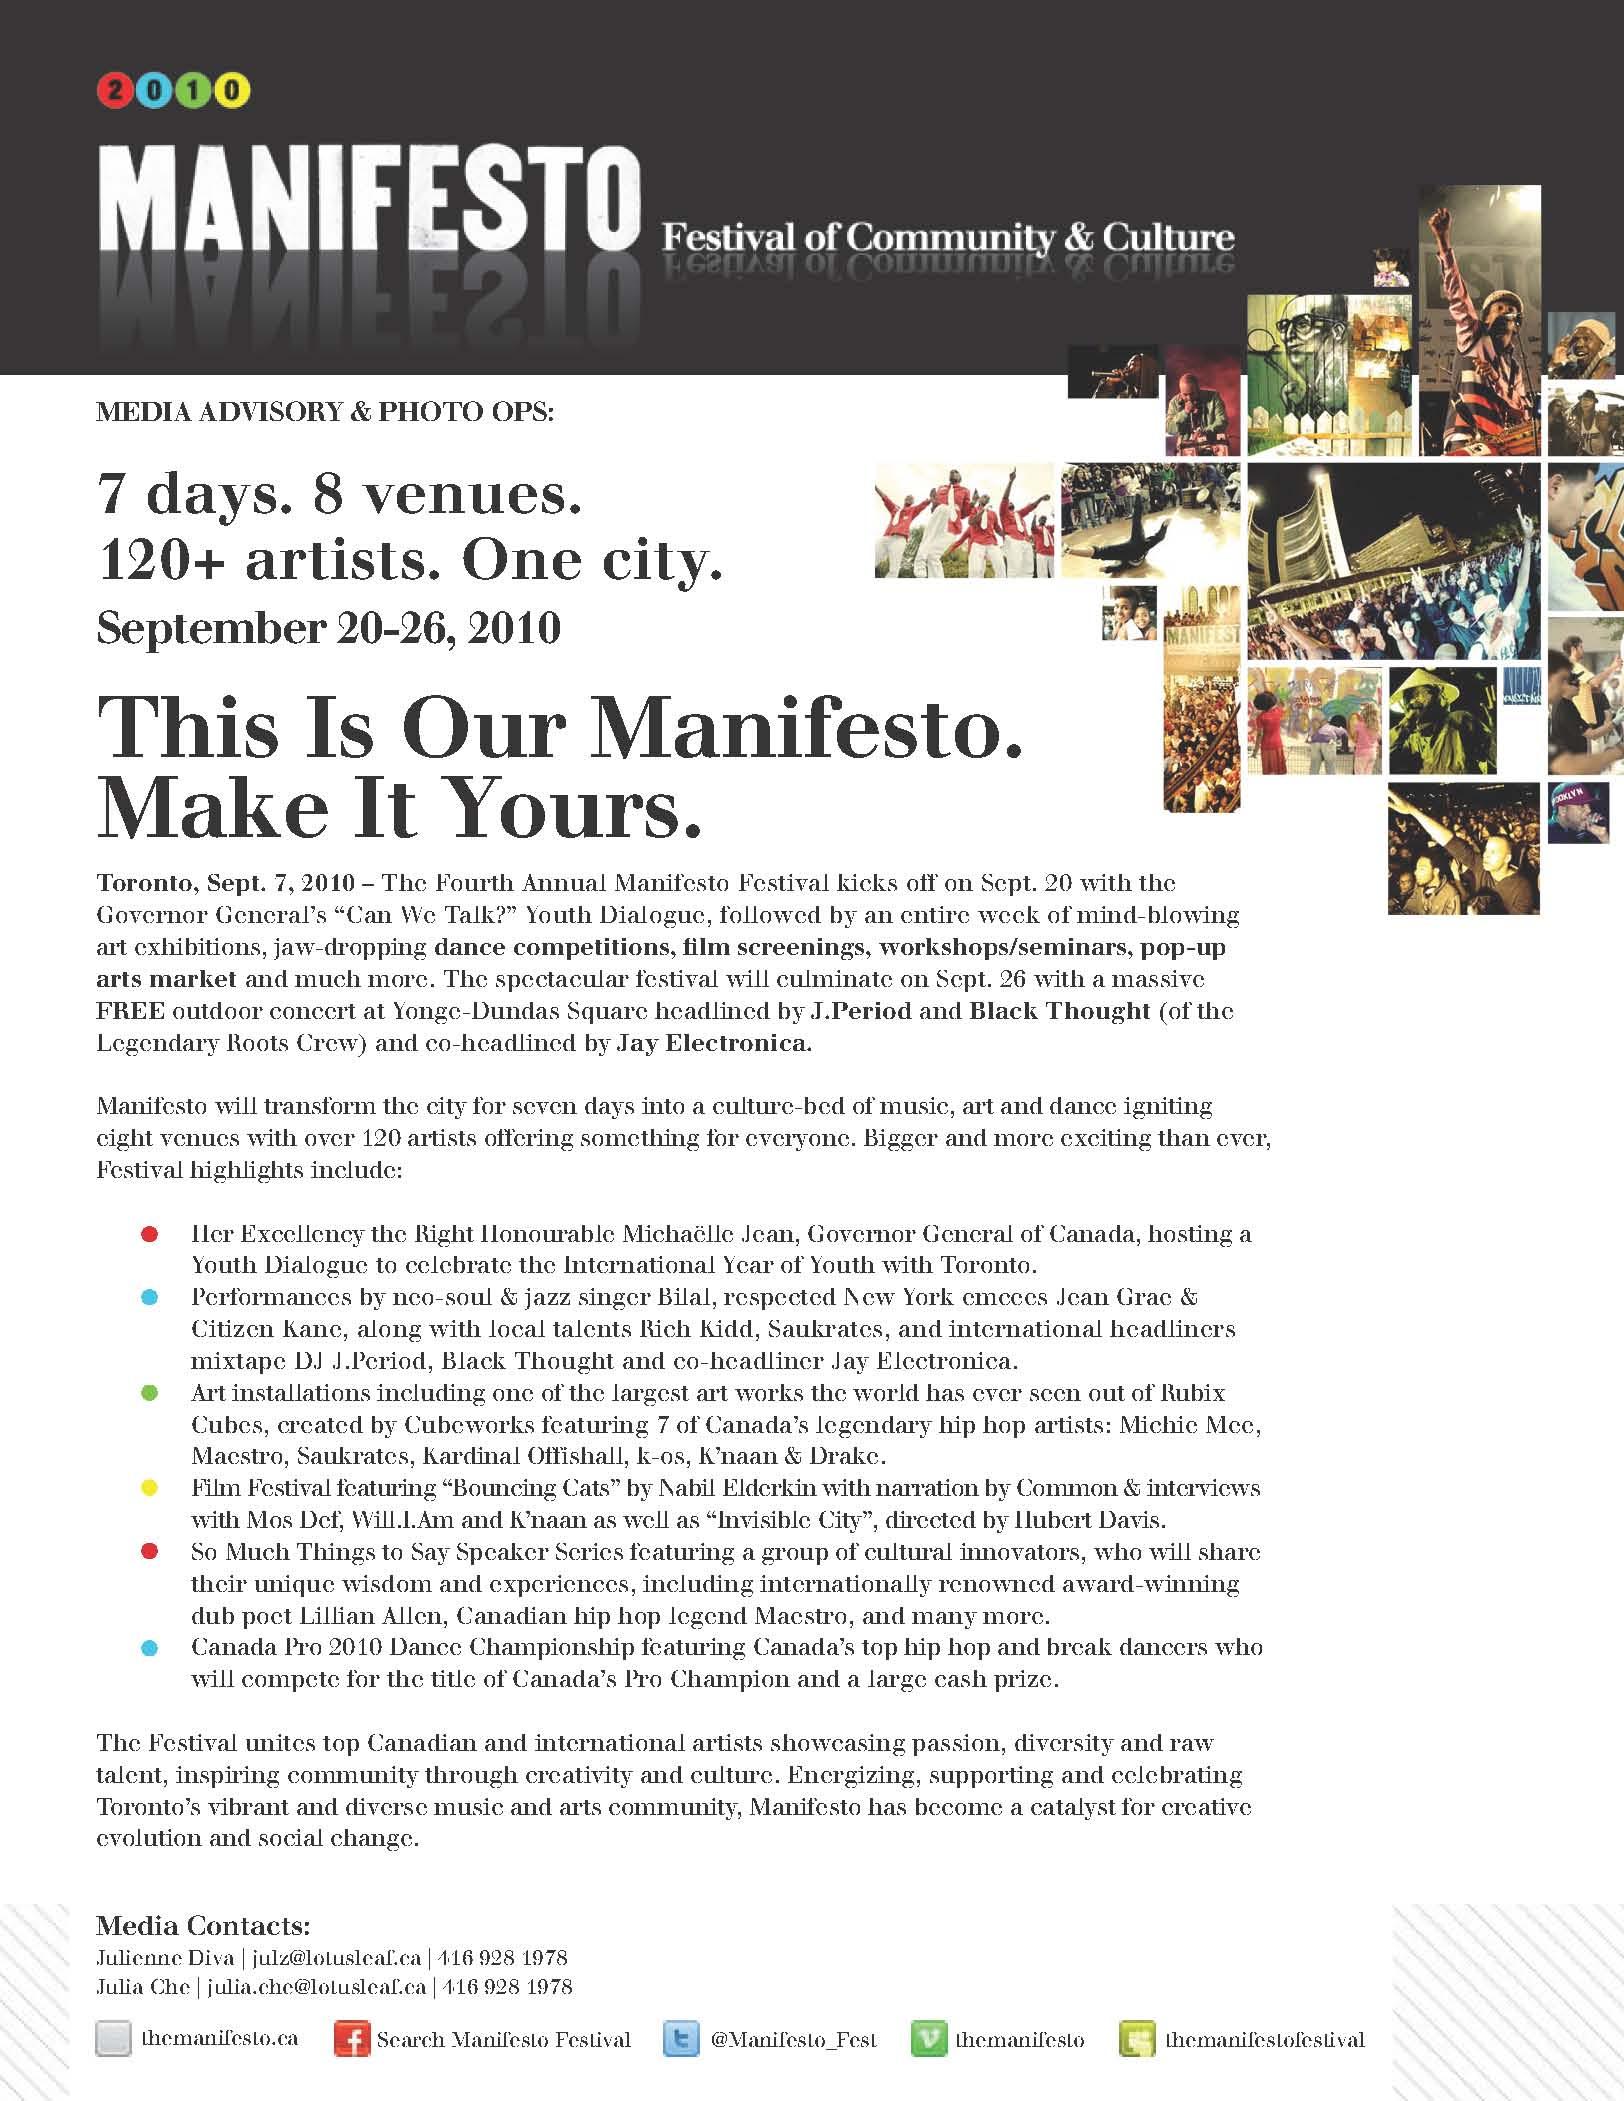 Manifesto_PressRelease_FINAL_Page_1.jpg